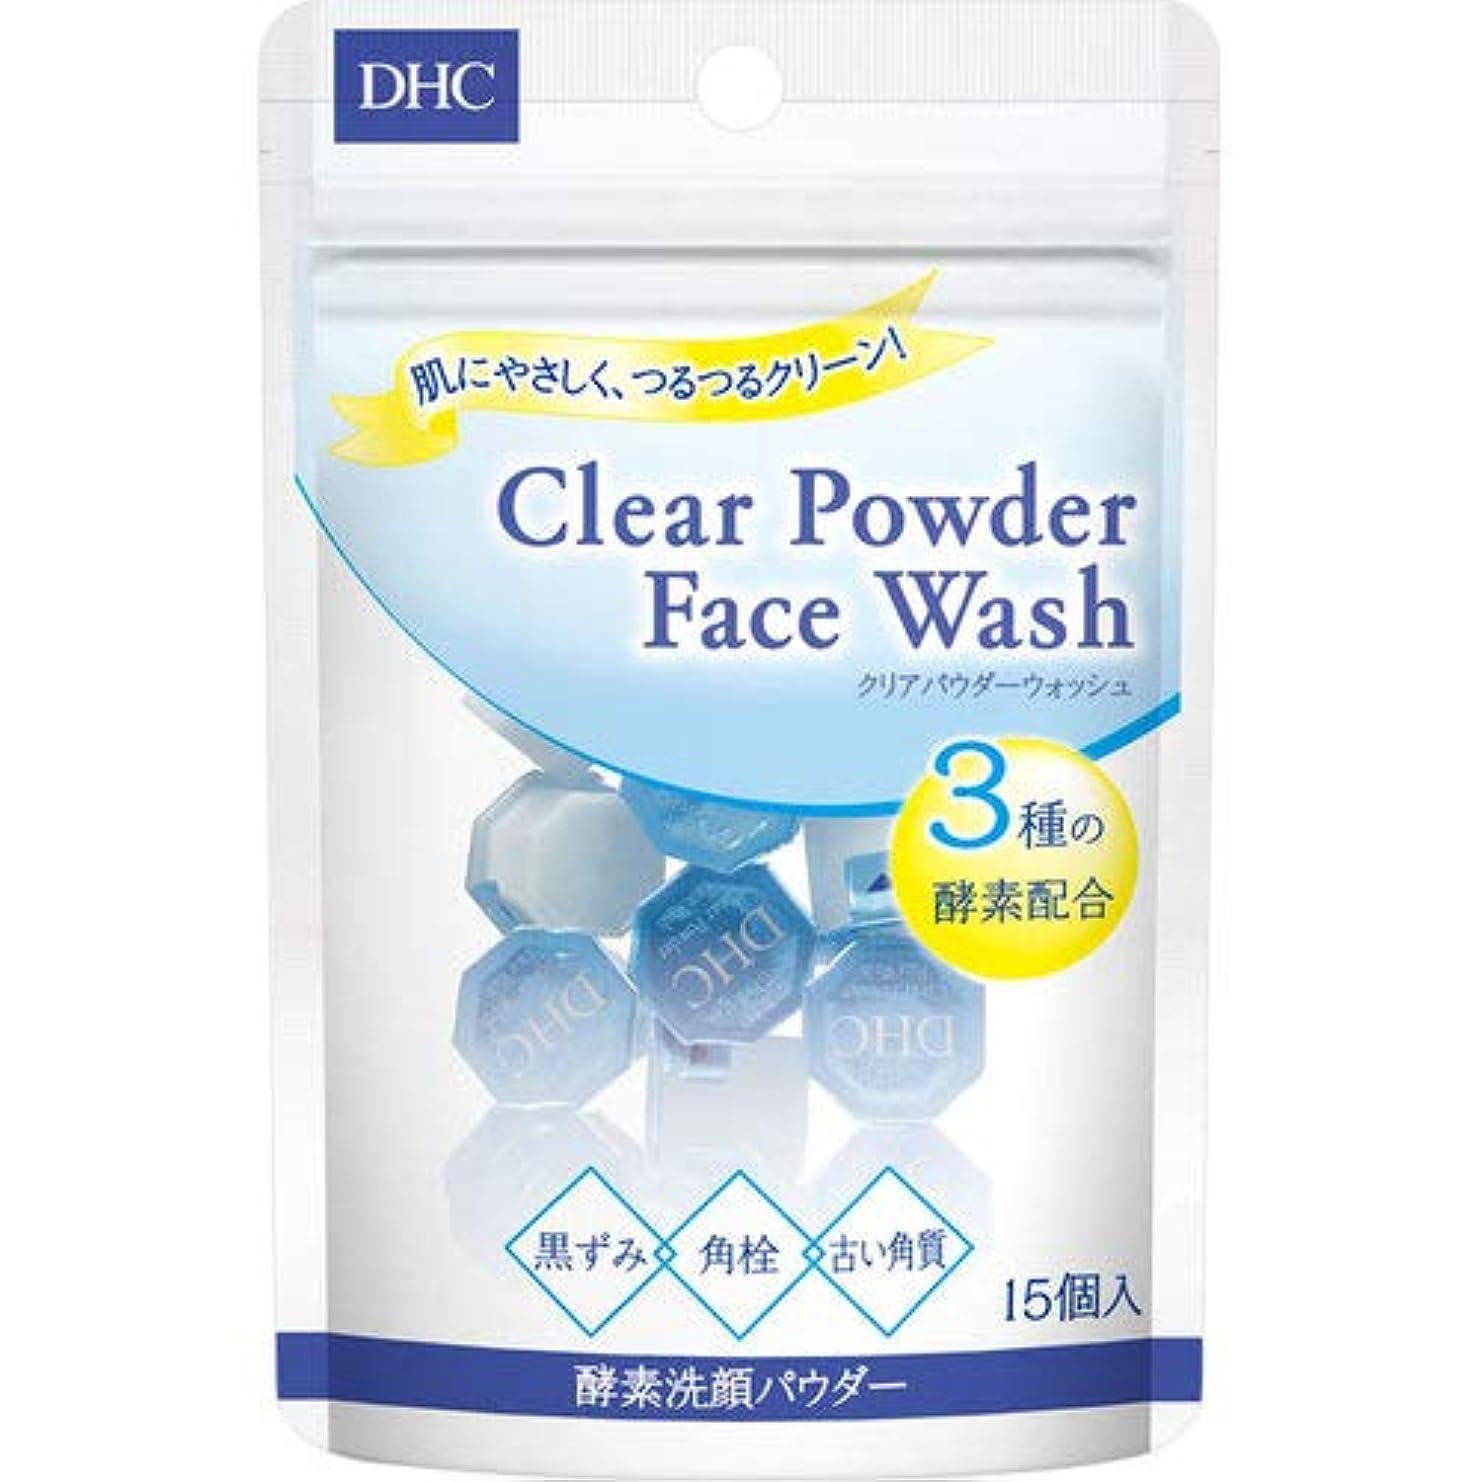 密度家庭教師排気DHC クリアパウダーウォッシュ 0.4g×15個入 酵素洗顔パウダー